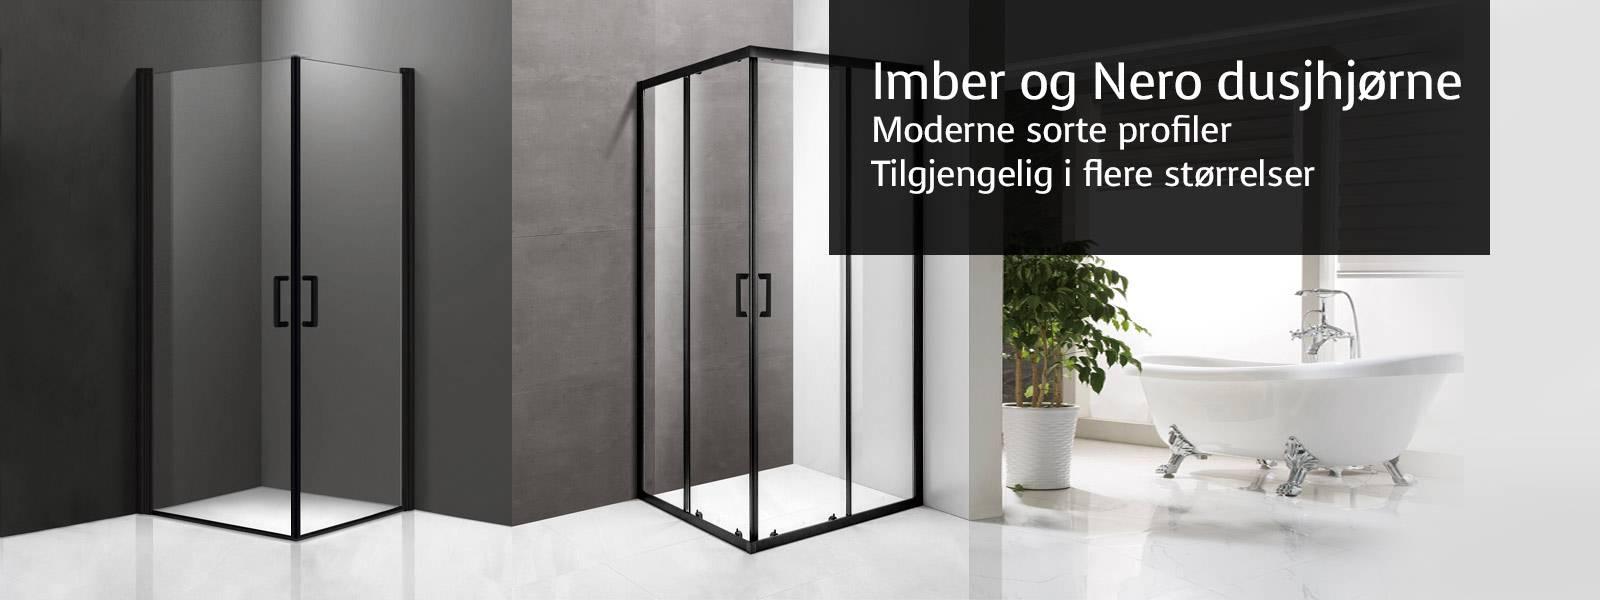 Imber og Nero dusjhjørne med matt sorte profiler. Nero dusjhjørne fås firkantet eller med buet front, 80x80cm 90x90cm og 100x100cm. Imber dusjdører i 70cm, 80cm, 90cm og 100cm kan kombineres fritt til ønsket størrelse på dusjhjørne.